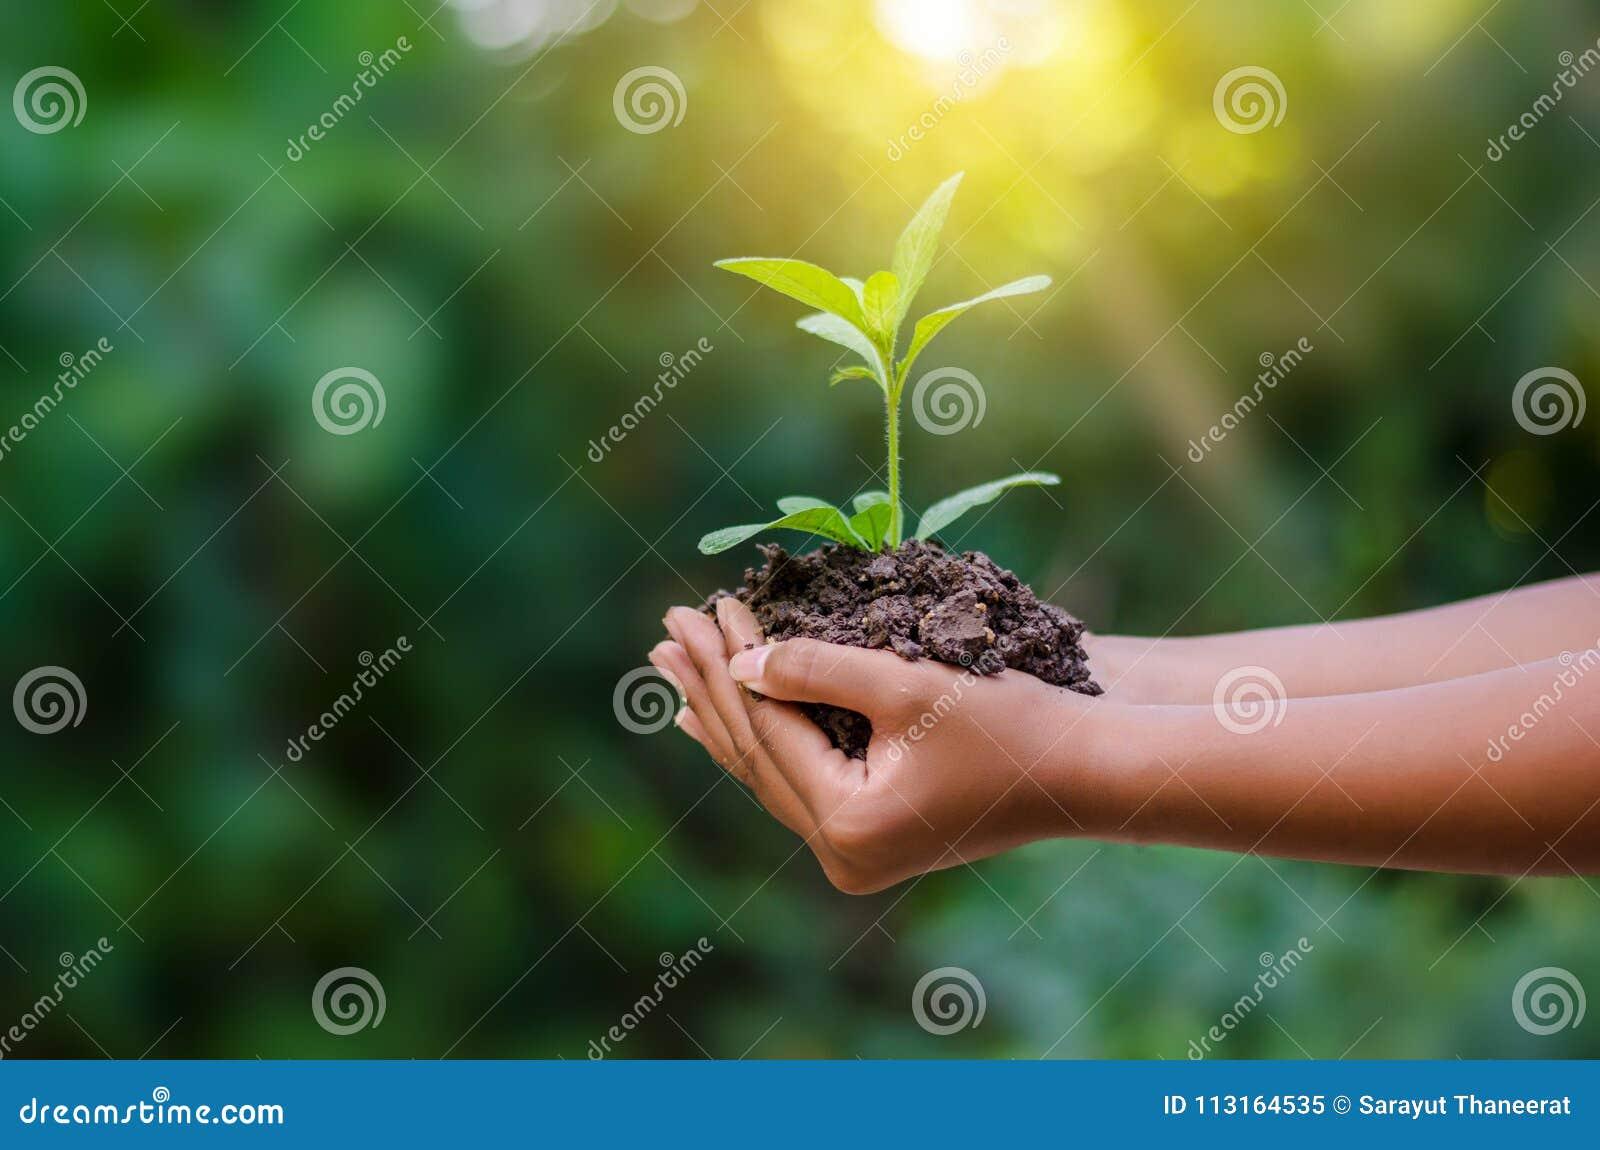 Στα χέρια των δέντρων που αυξάνονται τα σπορόφυτα Bokeh πράσινο δέντρο εκμετάλλευσης χεριών υποβάθρου θηλυκό στη δασική συντήρηση